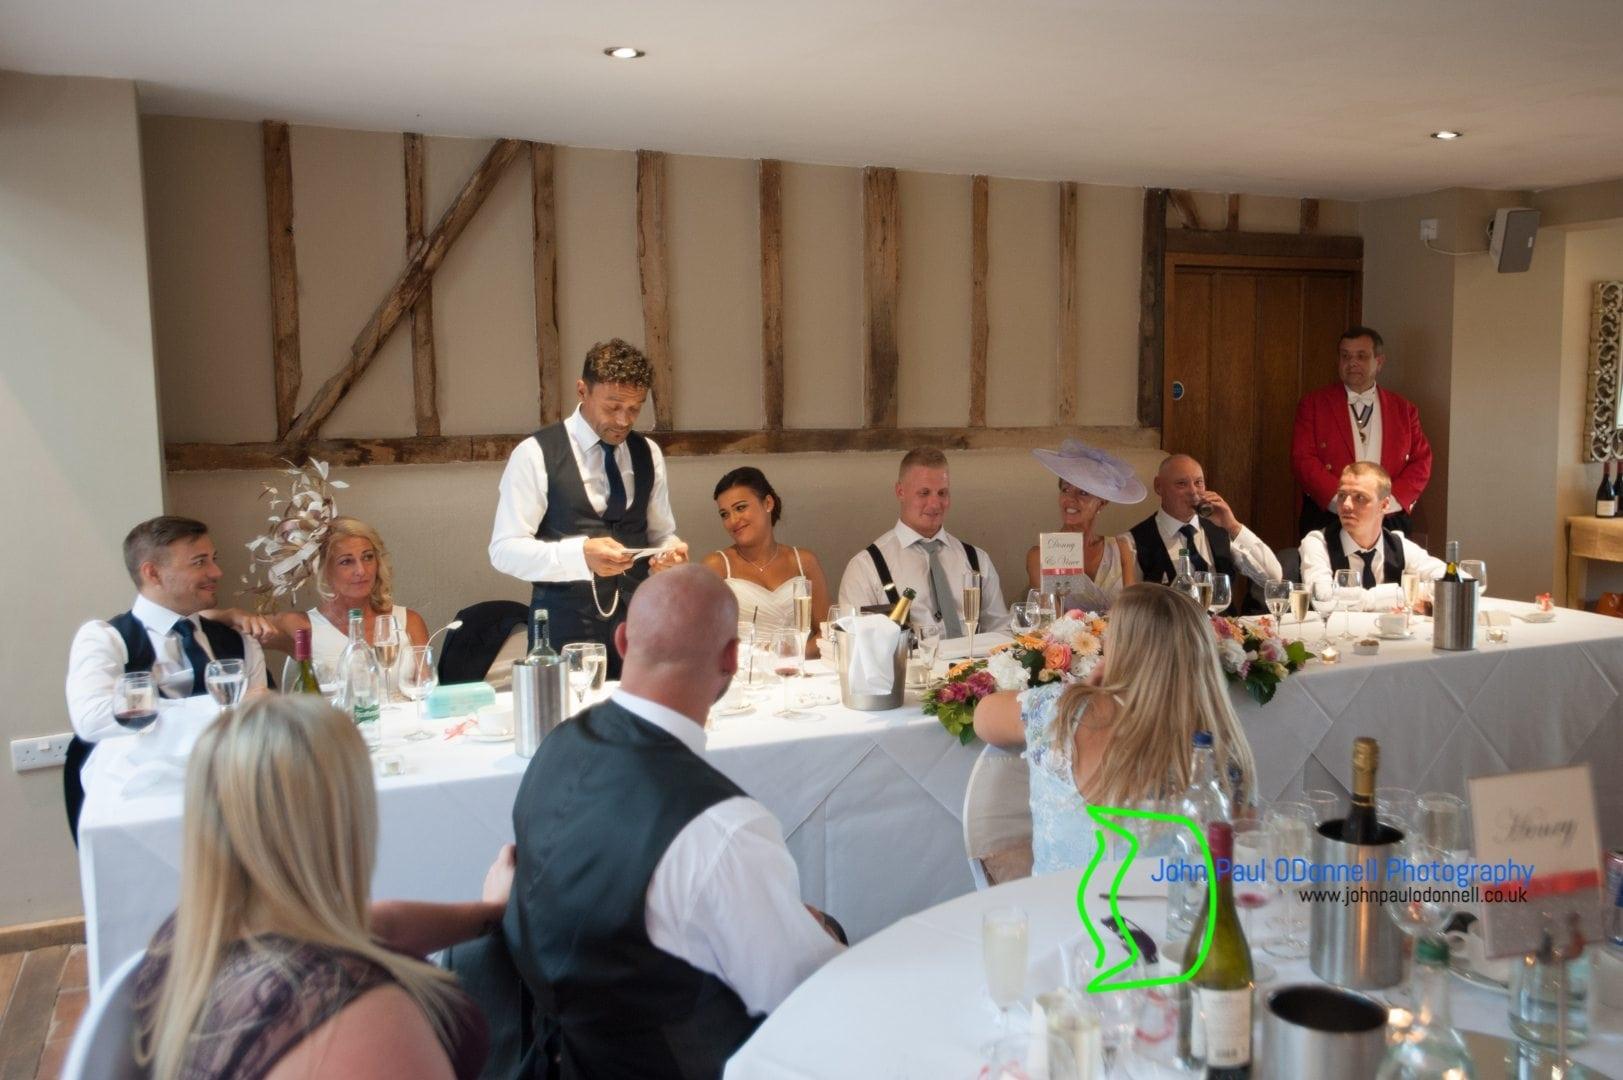 Jordan and Ashleys Wedding at Coltsfoot Country Retreat-17